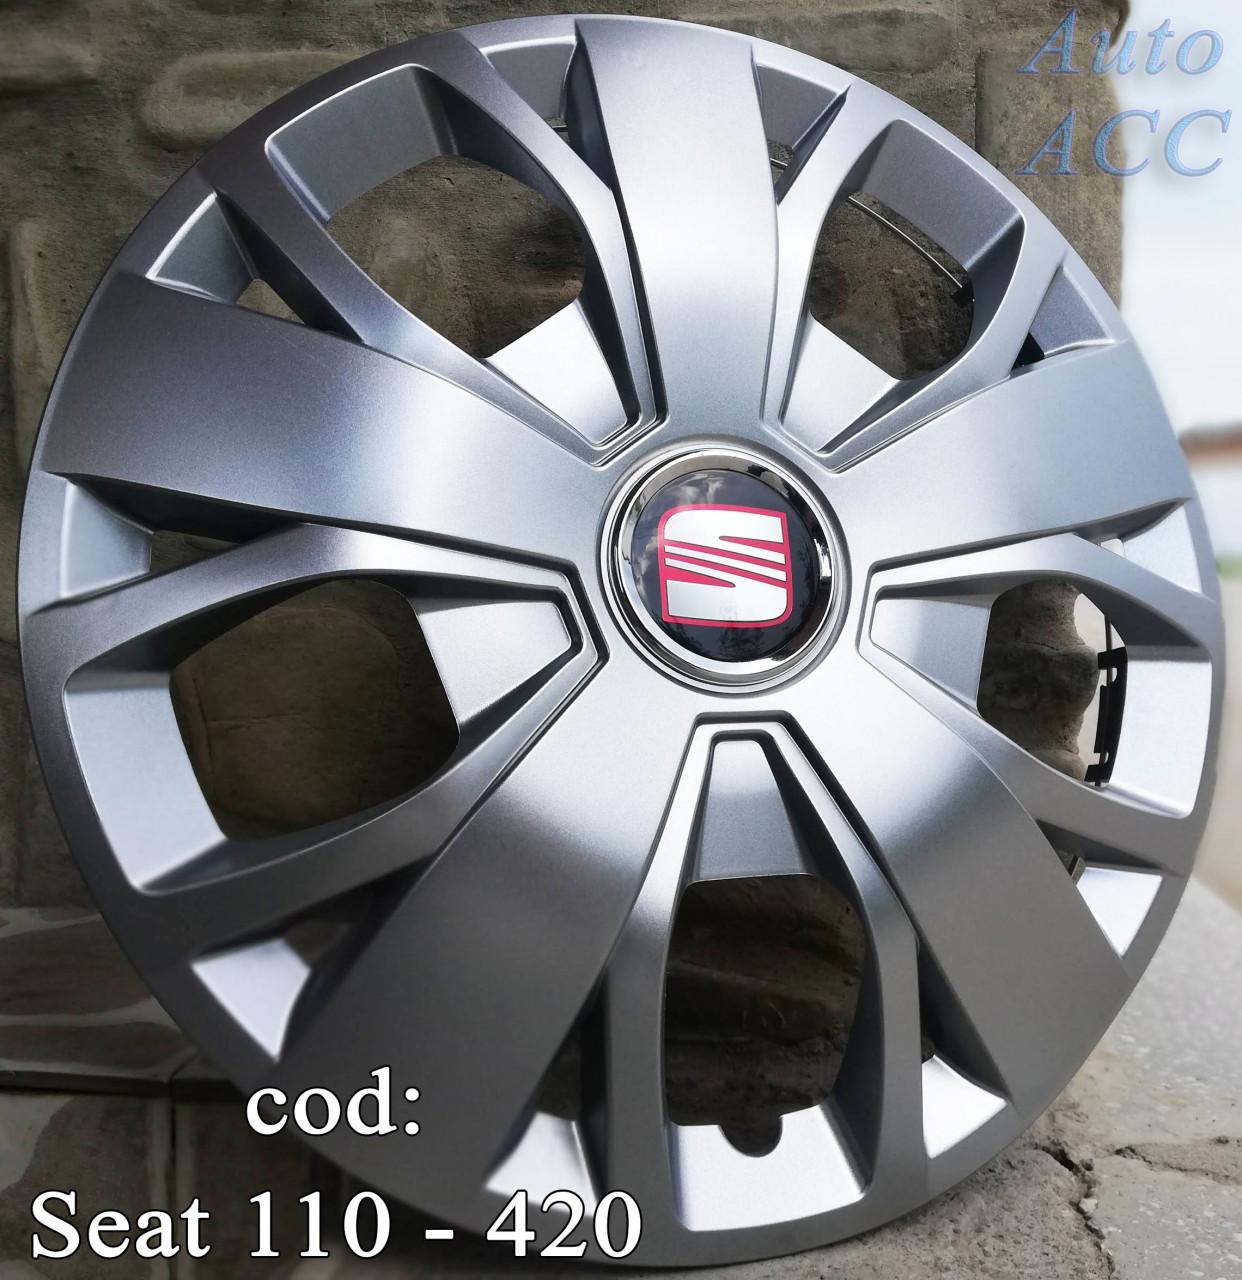 Capace roti 16 Seat - pentru jante de tabla – Imitatie jante aliaj